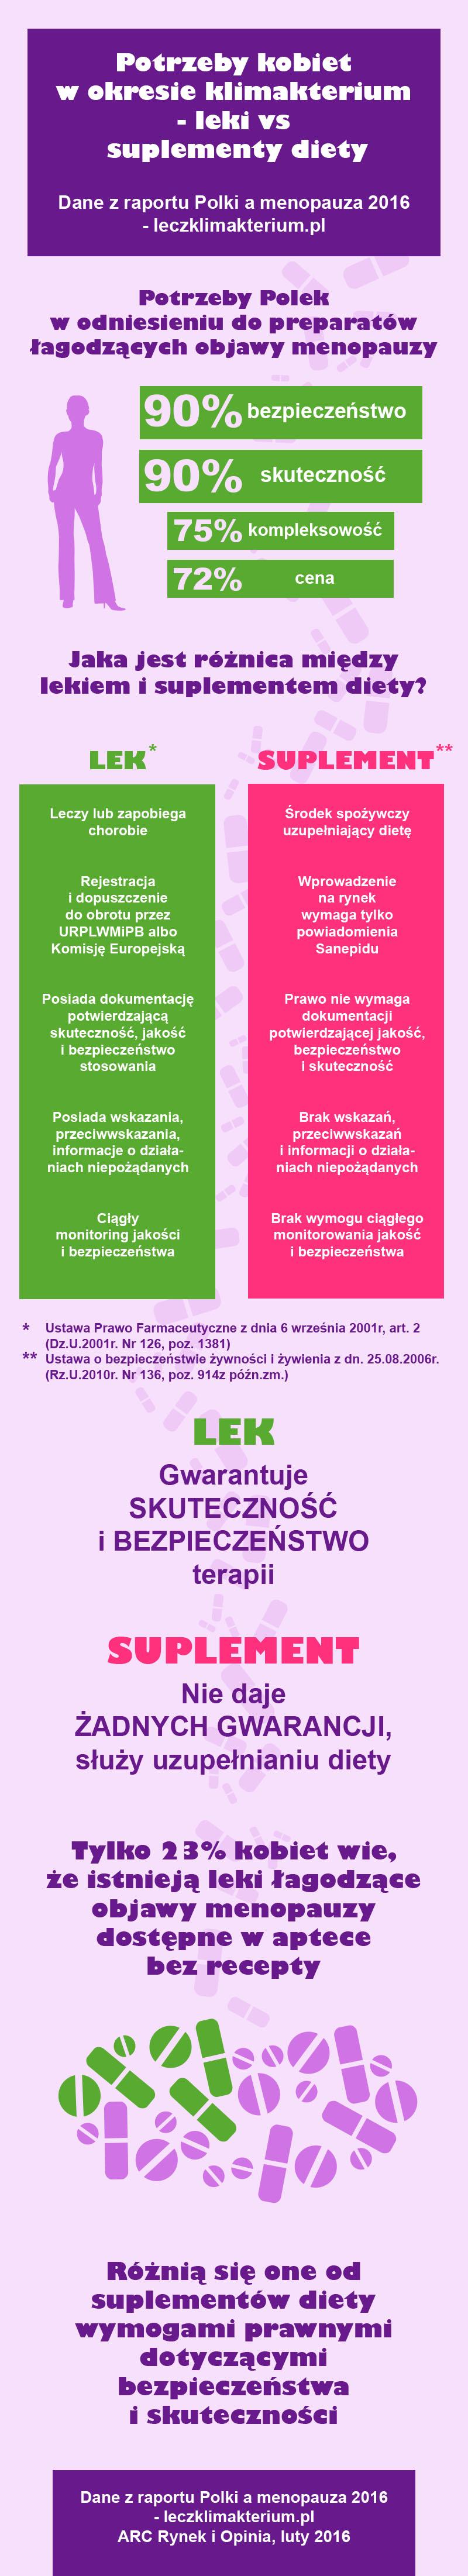 Menopauza - leki vs suplementy